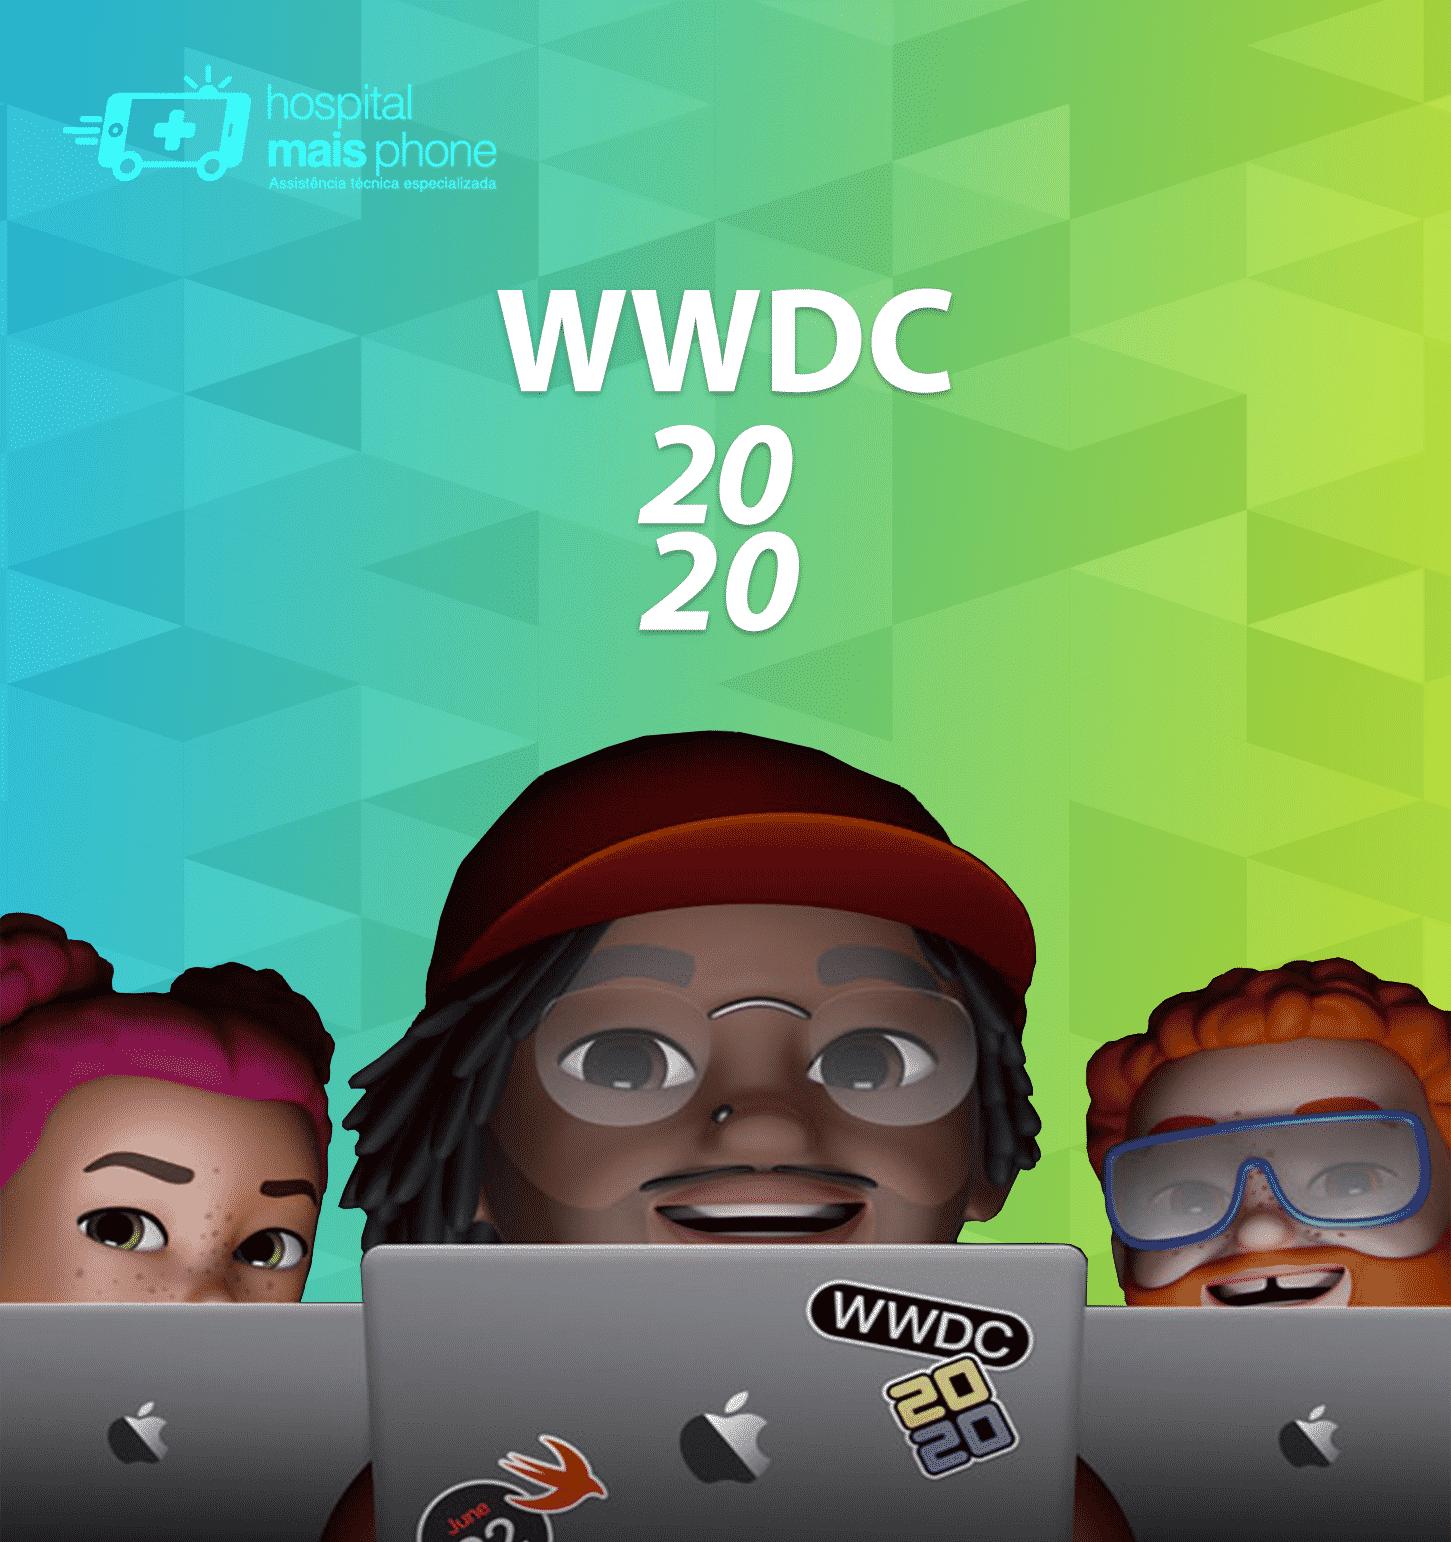 Memojis com macbooks e adesivos da WWDC 2020